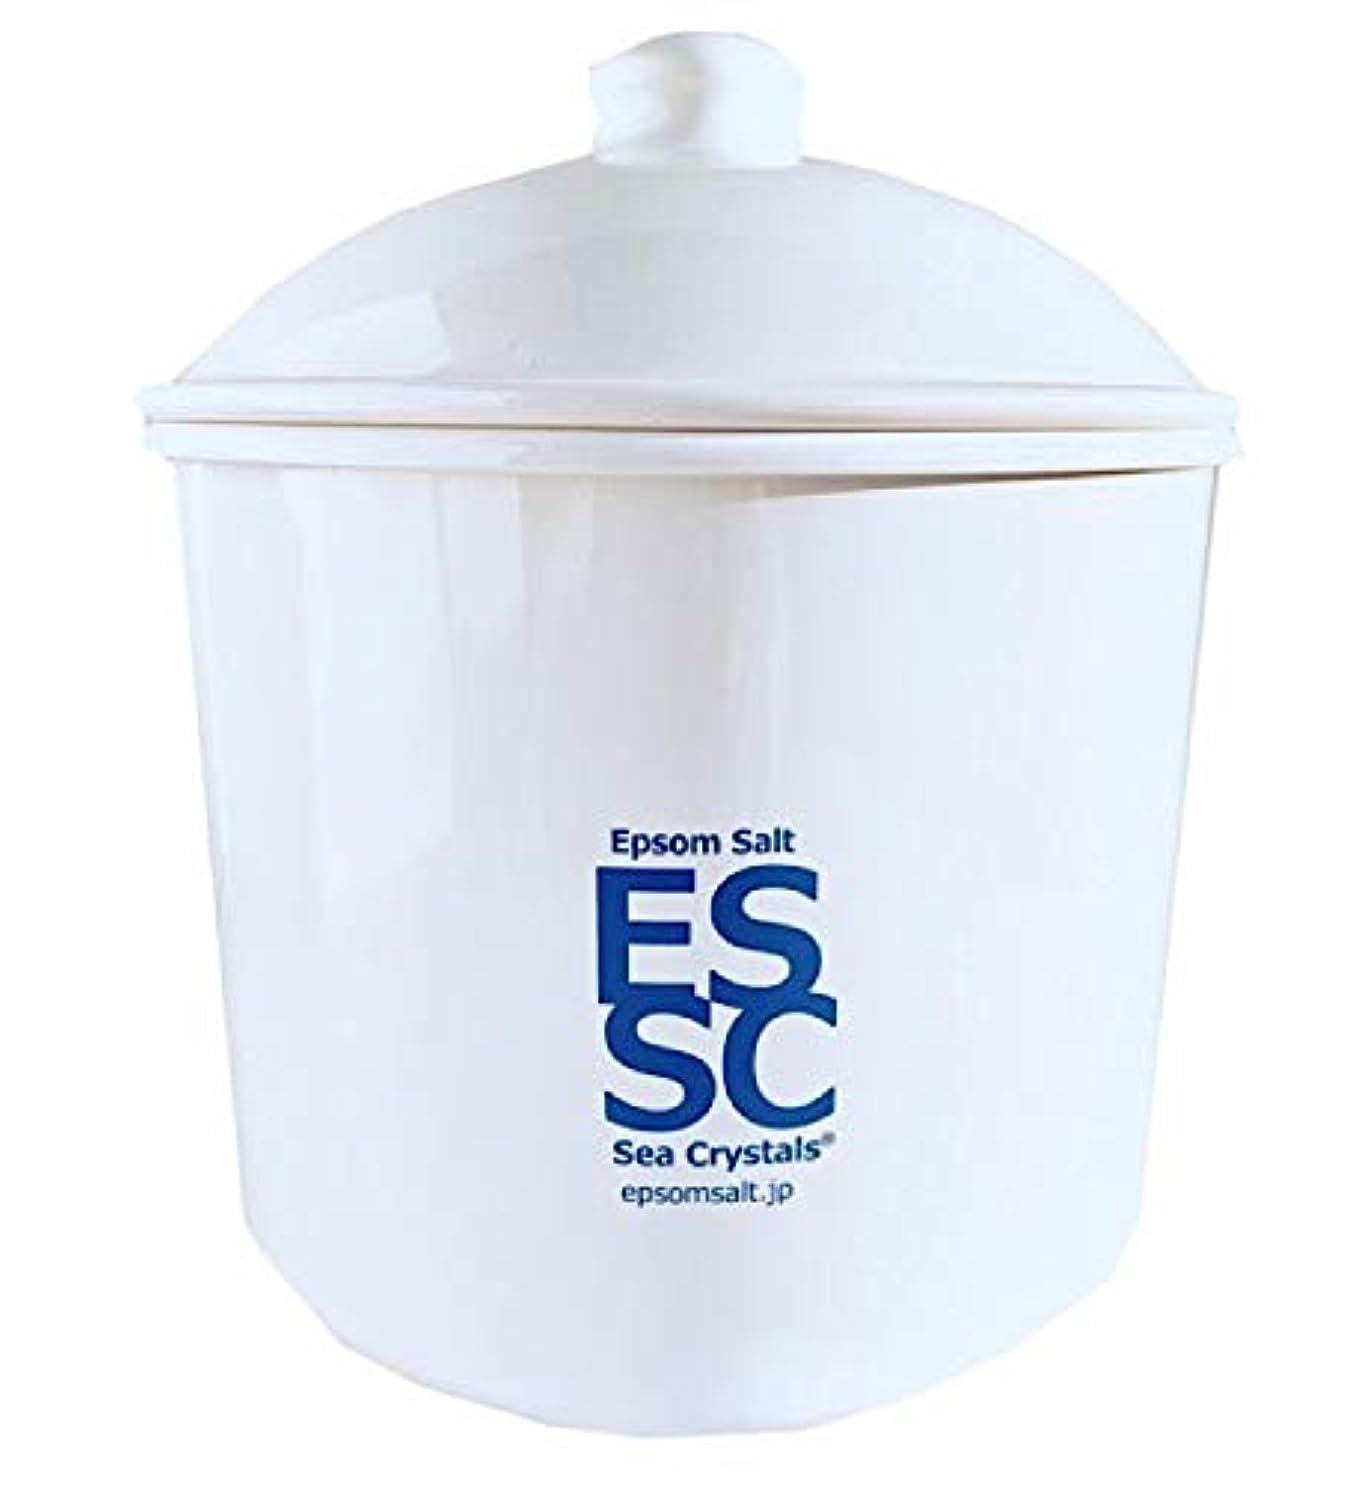 調停する資格情報ハッピーシークリスタルス 国産 エプソムソルト 入浴剤 ケース入り2.2kg 約14回分 計量スプーン付き 無香料 硫酸マグネシウム